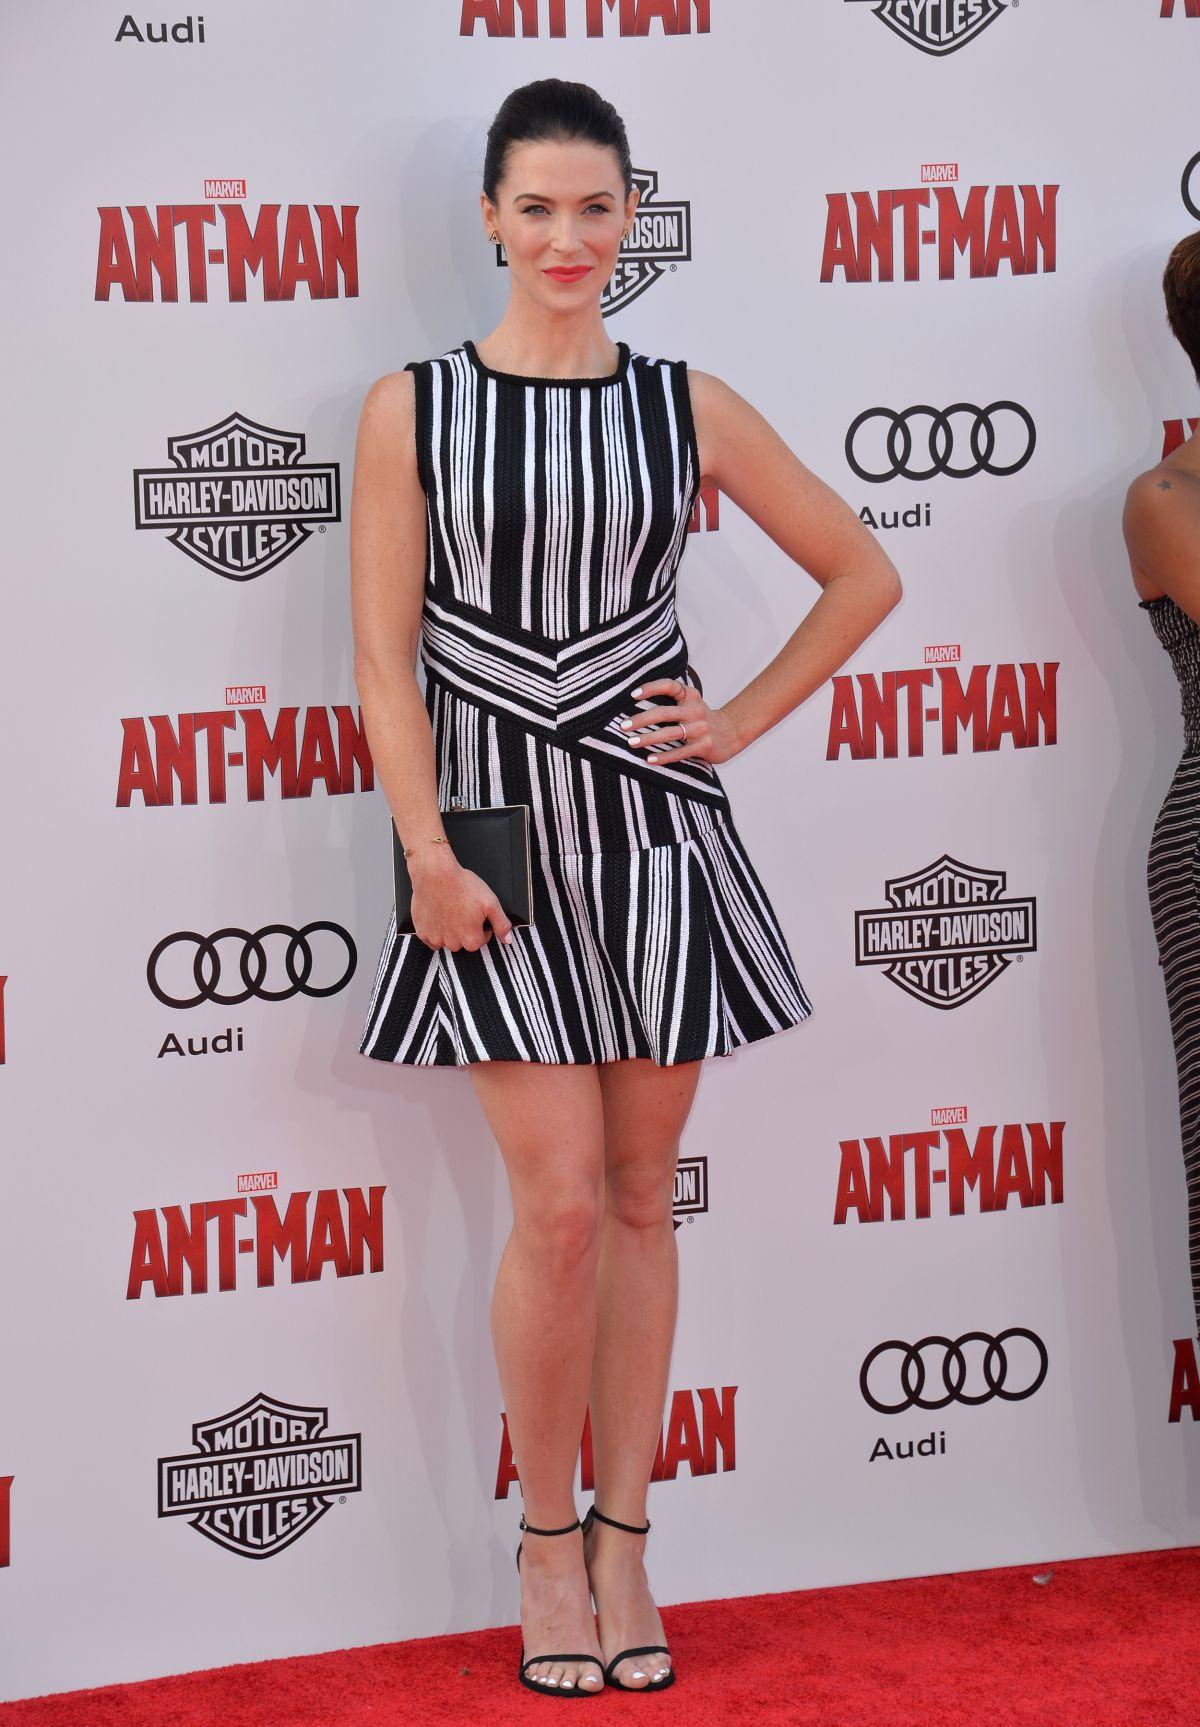 Bridget Regan At Ant Man Premiere In Hollywood